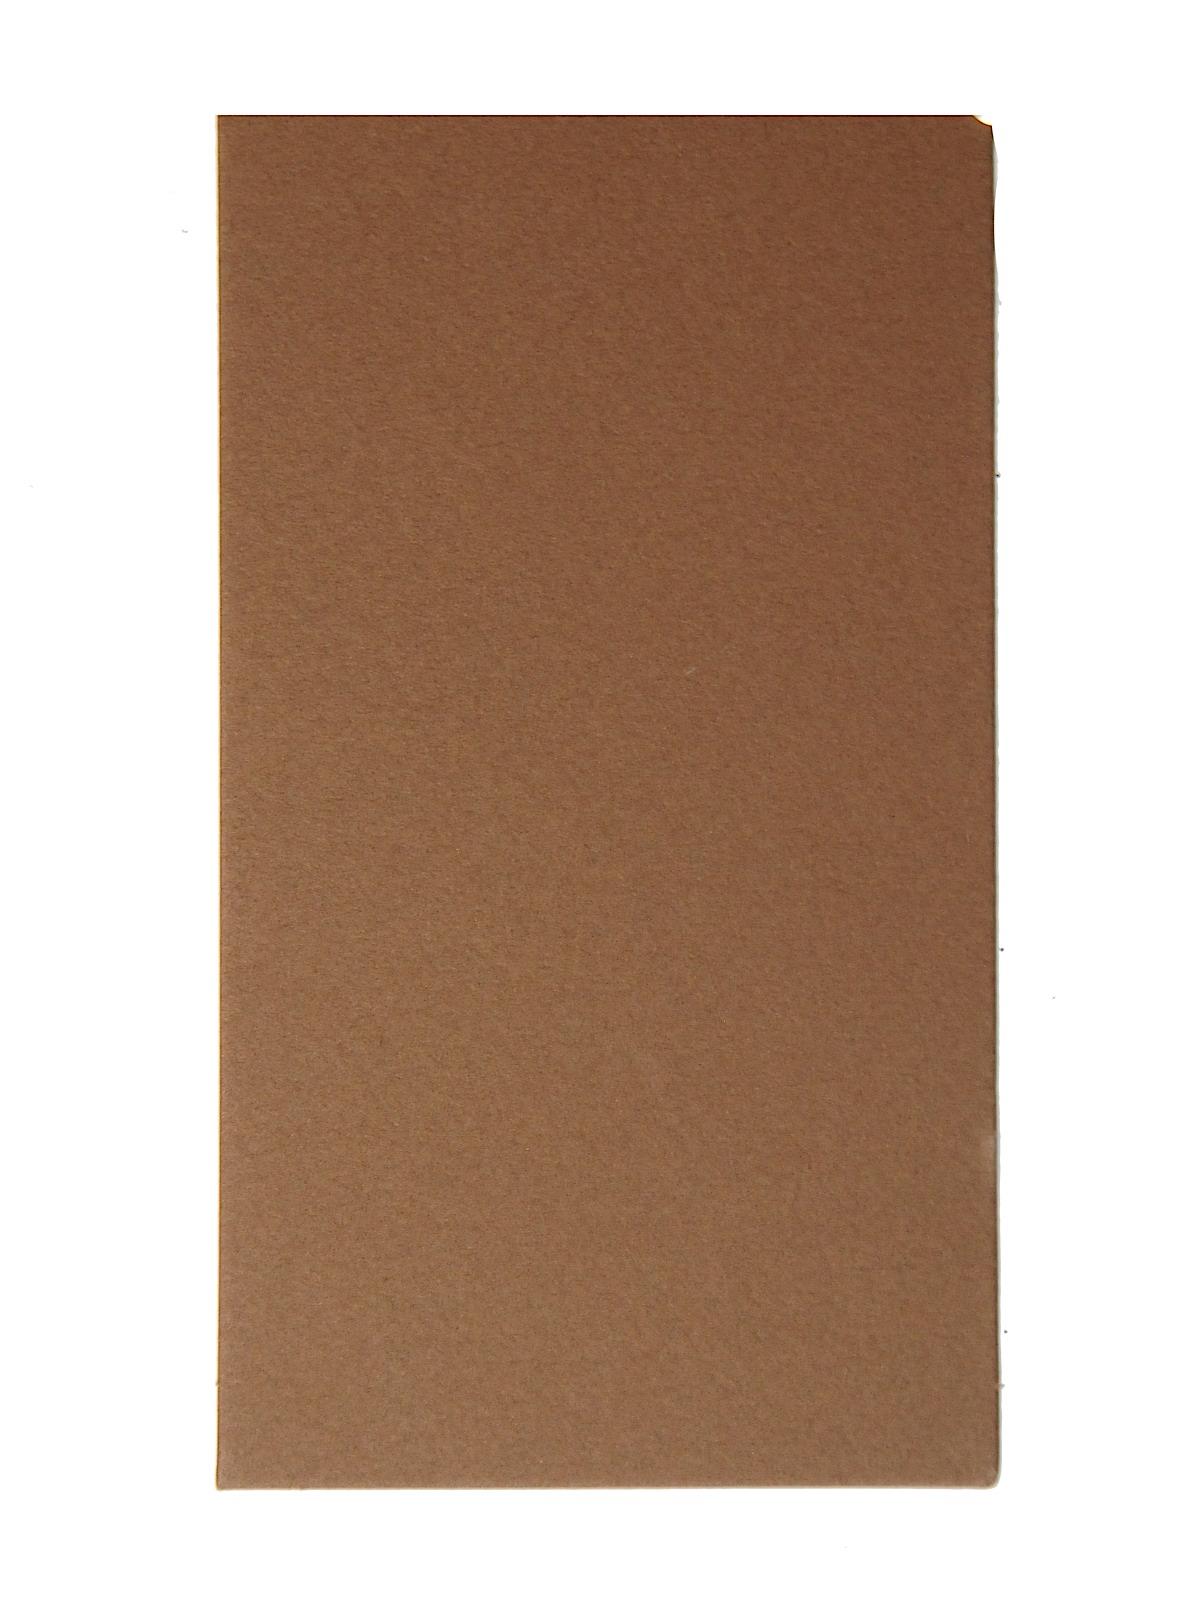 mat trek colors centered thickness star part blog copy board enterprise mats choosing matting